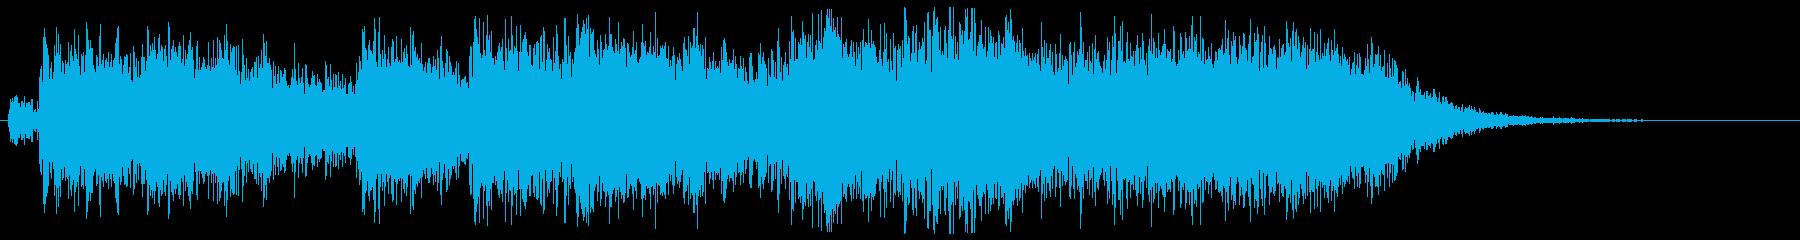 迫り来る危機感があるオーケストラ02の再生済みの波形